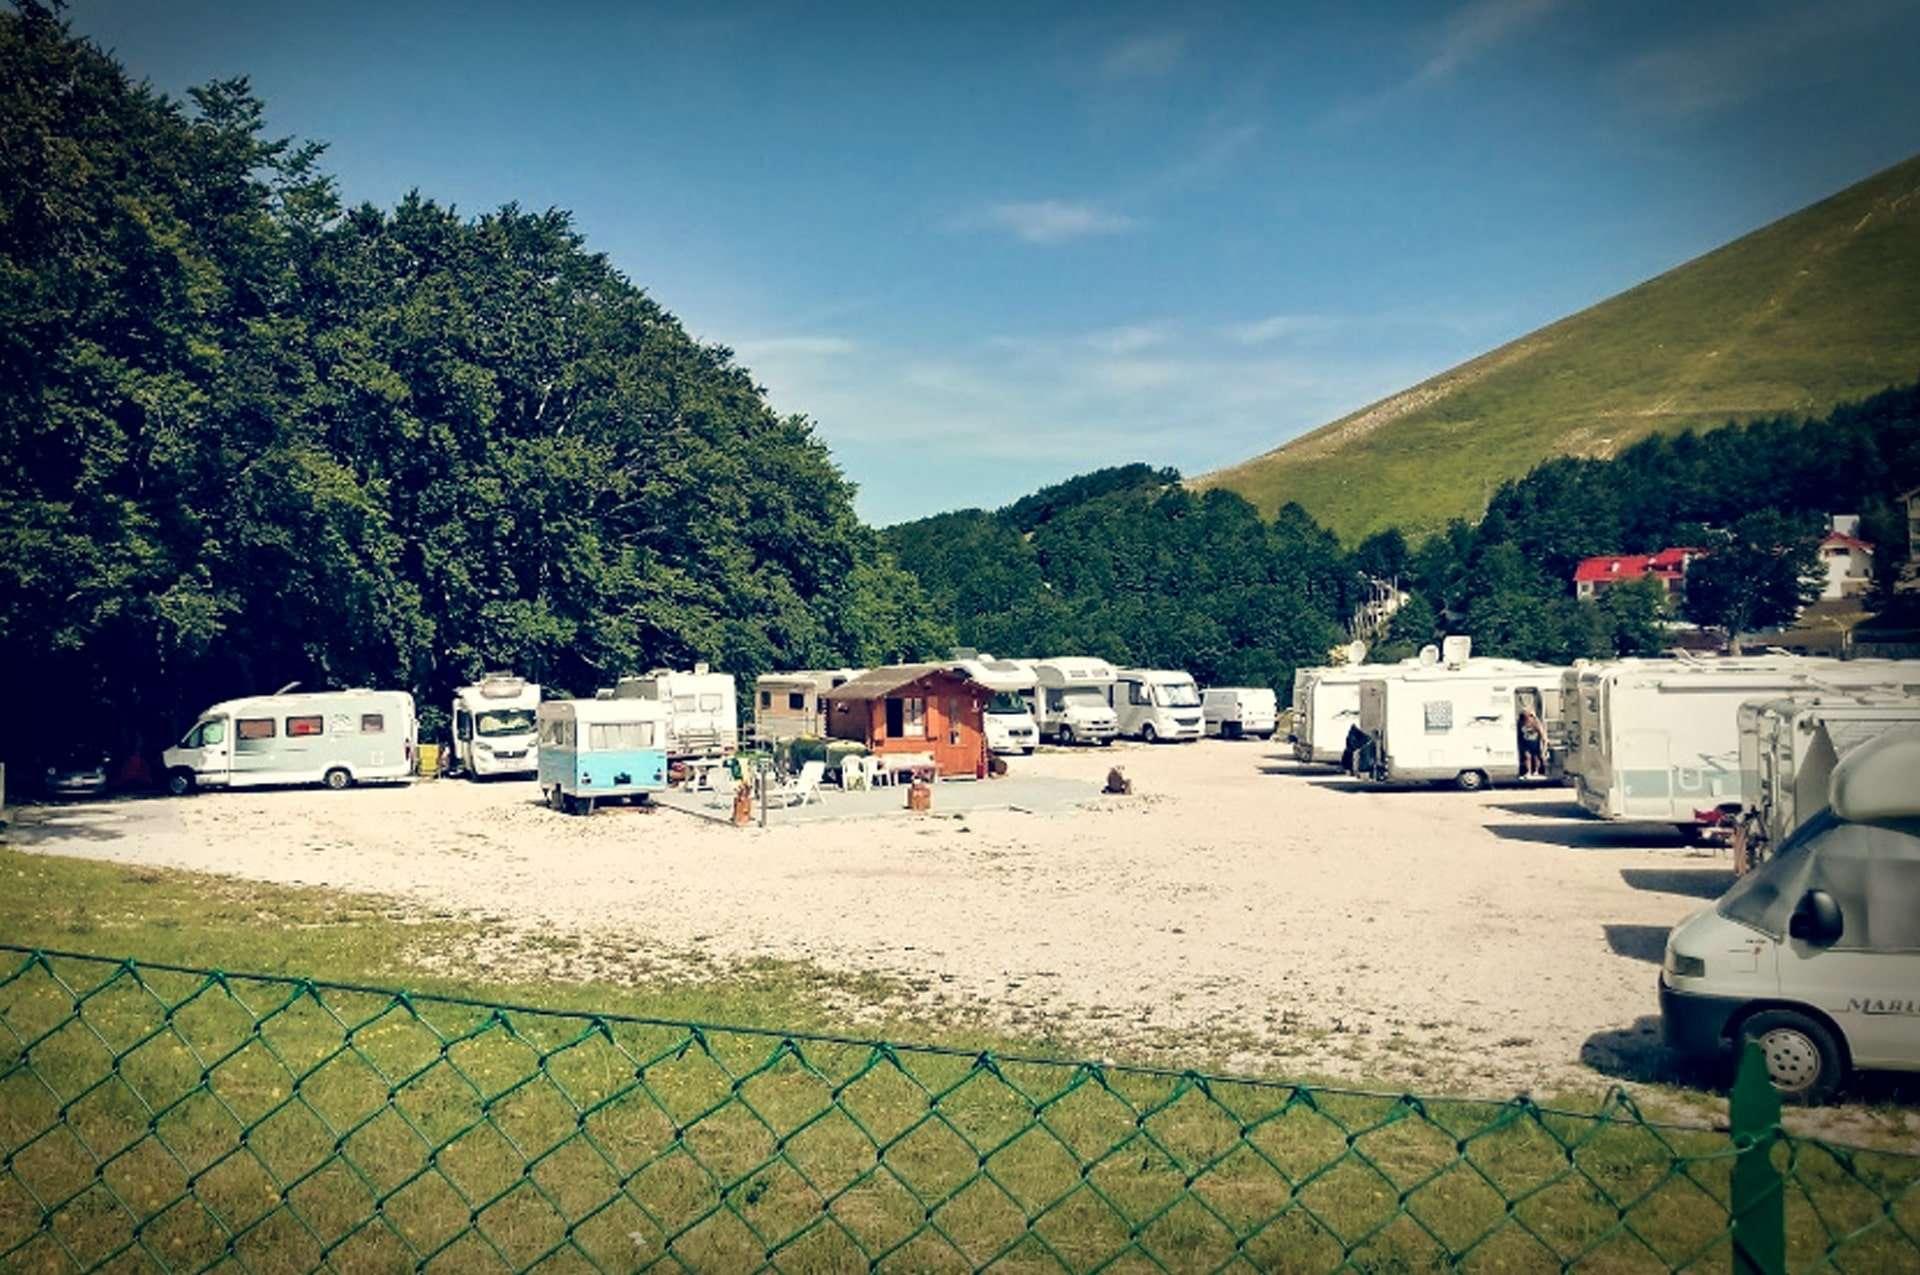 terminillo area camper